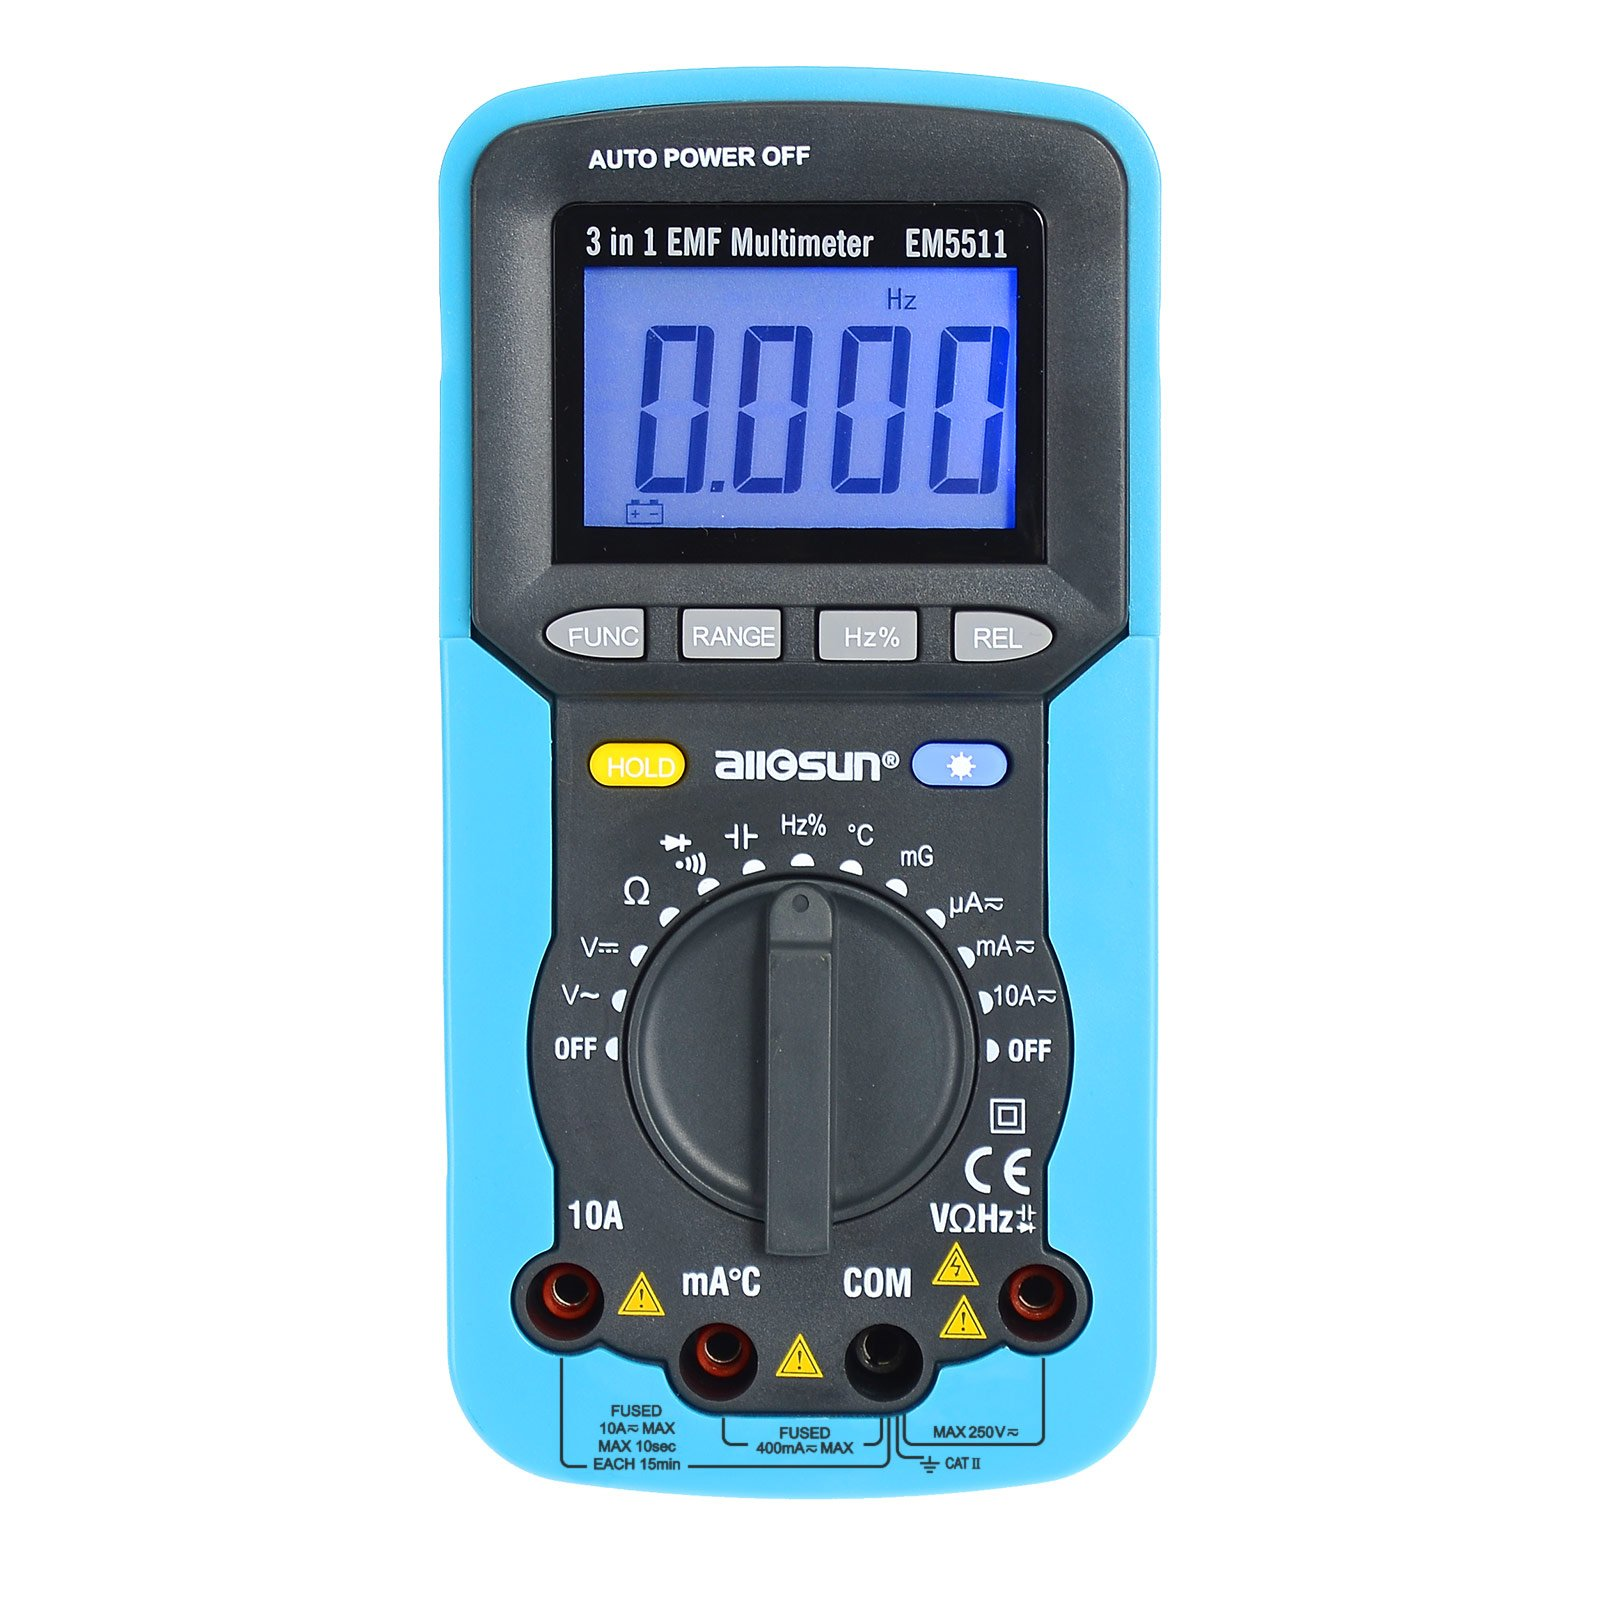 all-sun 3 in 1 EMF Digital Multimeter Antorange Electromagnetic Field Radiation Tester DC AC Volt Ampt DMM